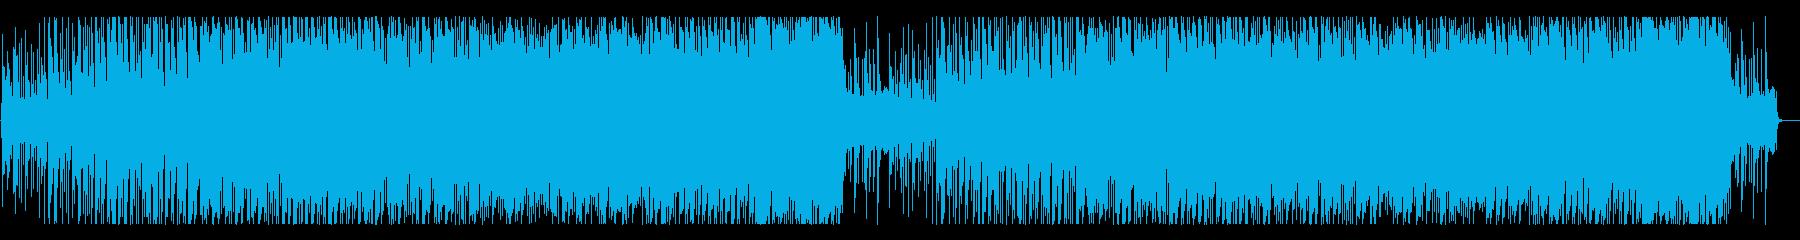 琴と笛の切ない和風音楽の再生済みの波形